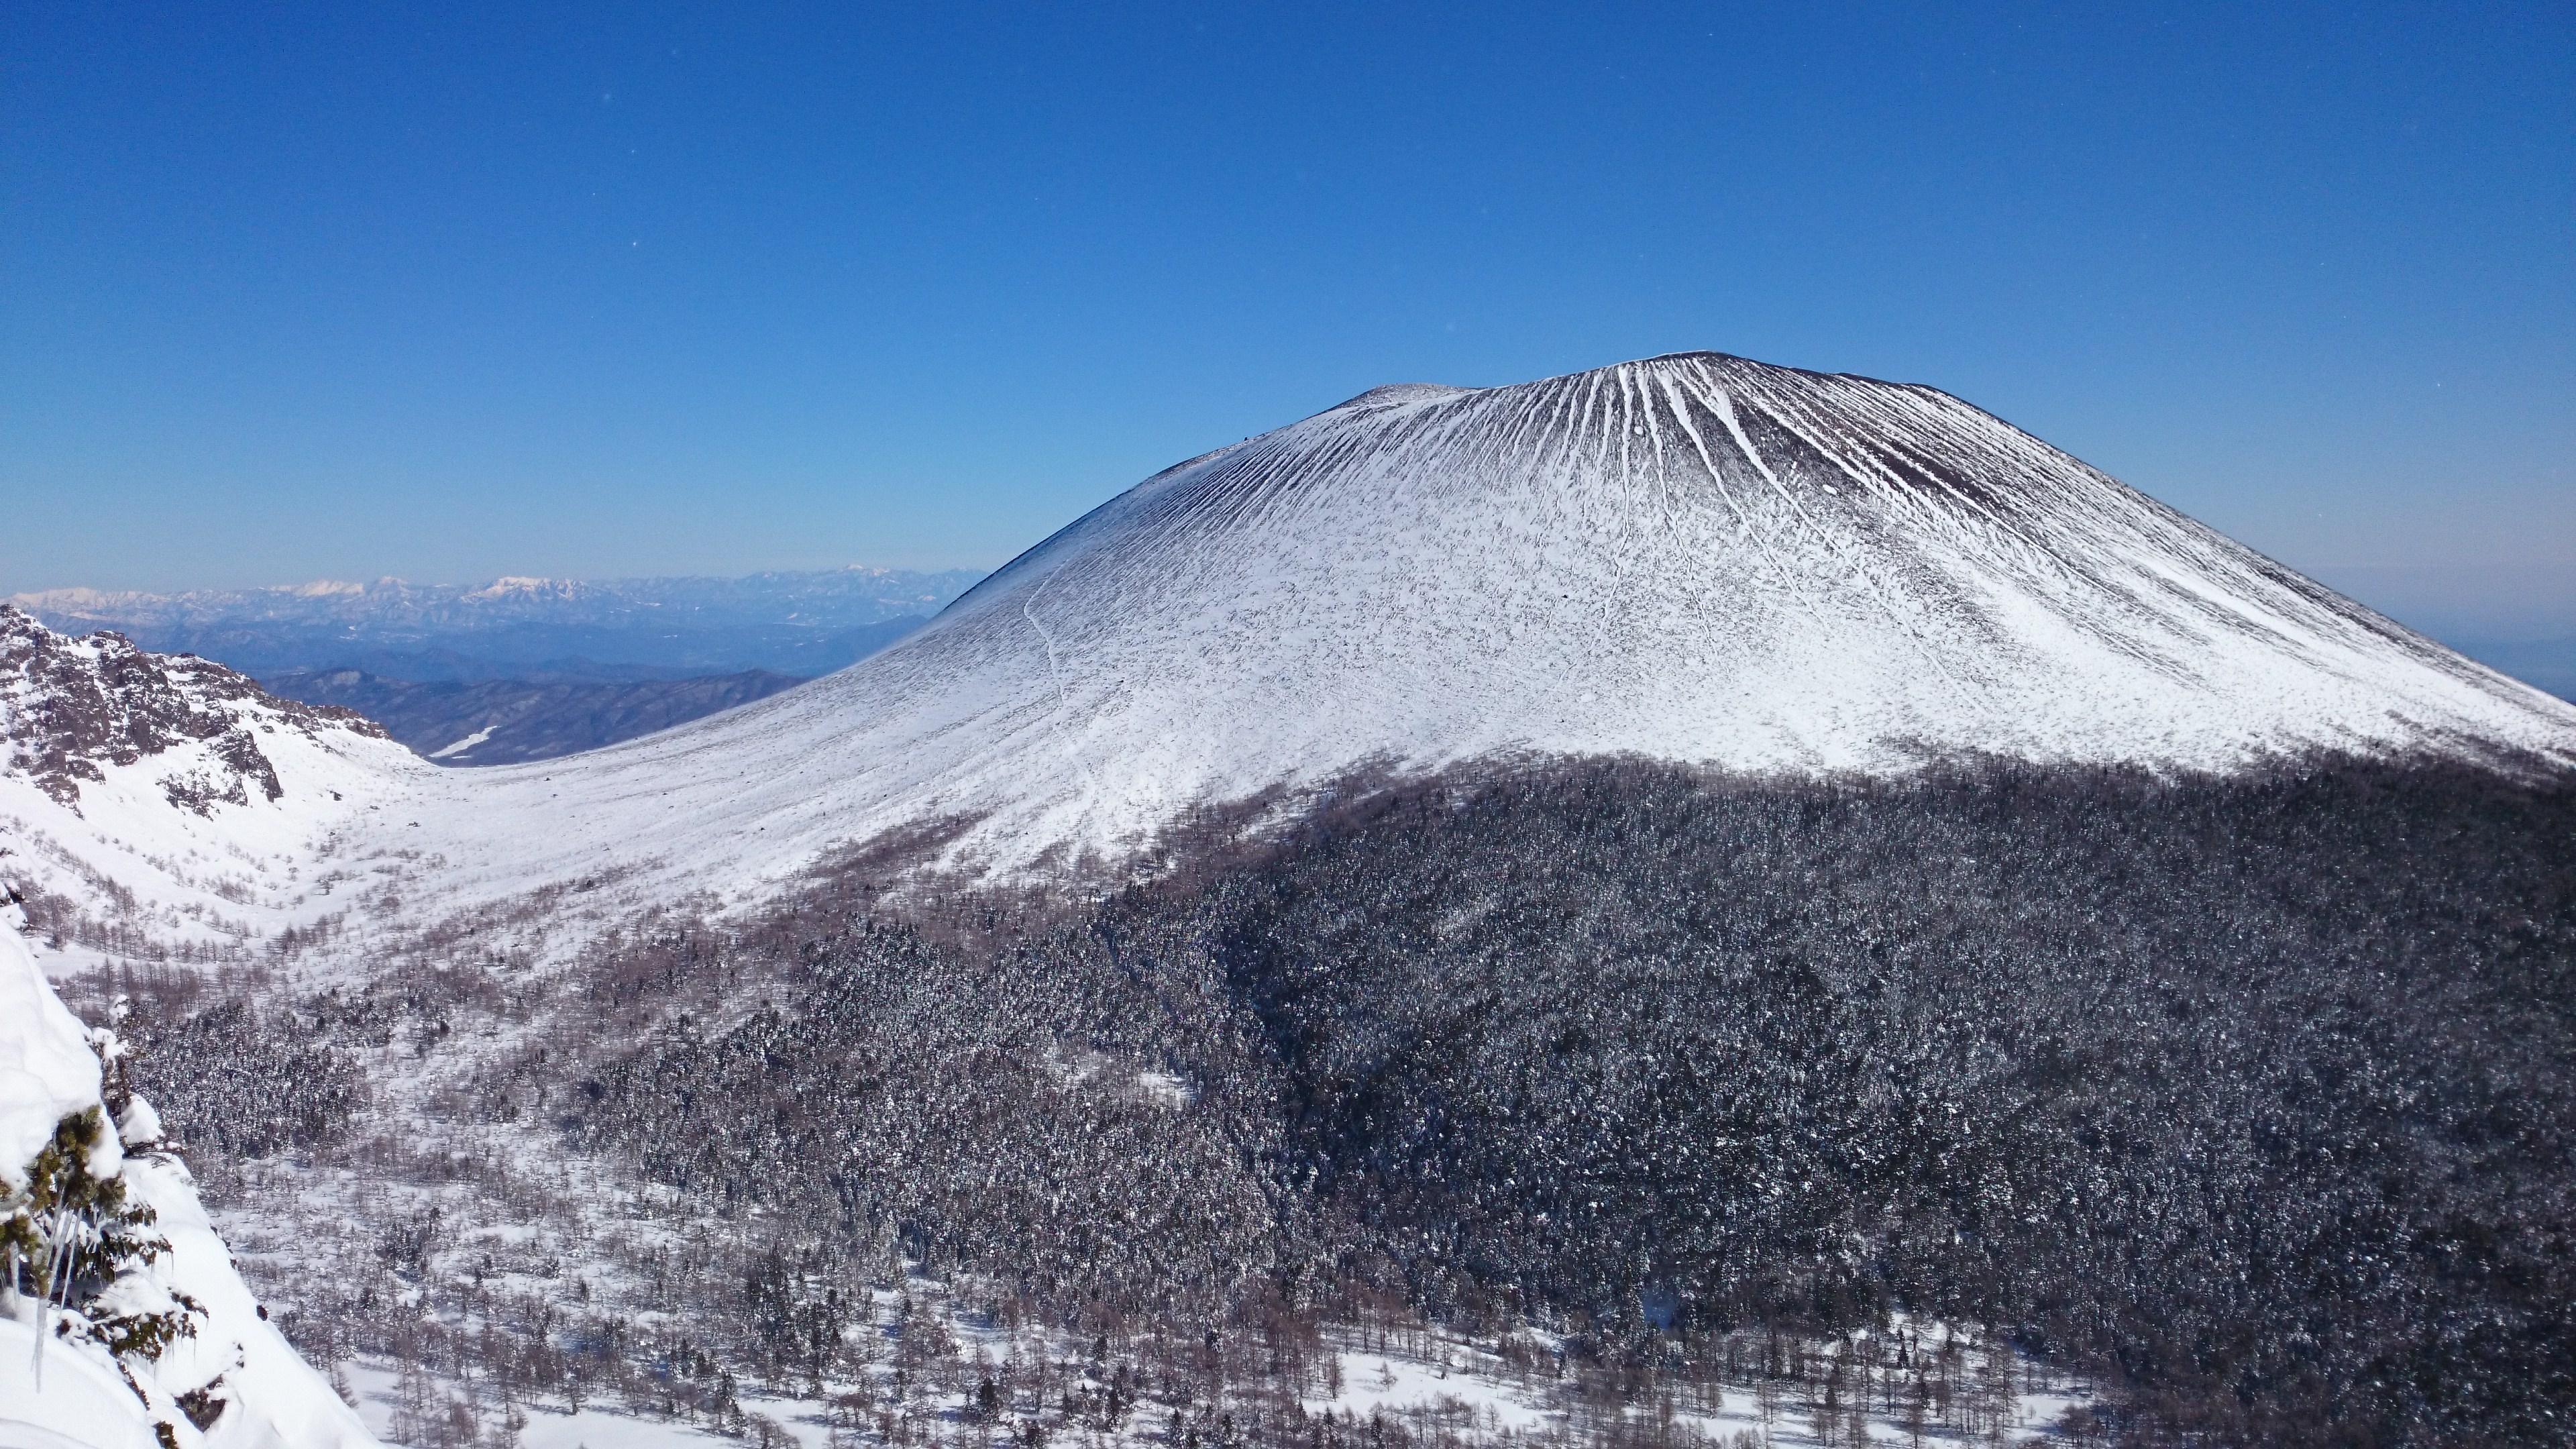 ภูเขาในญี่ปุ่น - Mt.Asama, Gunma